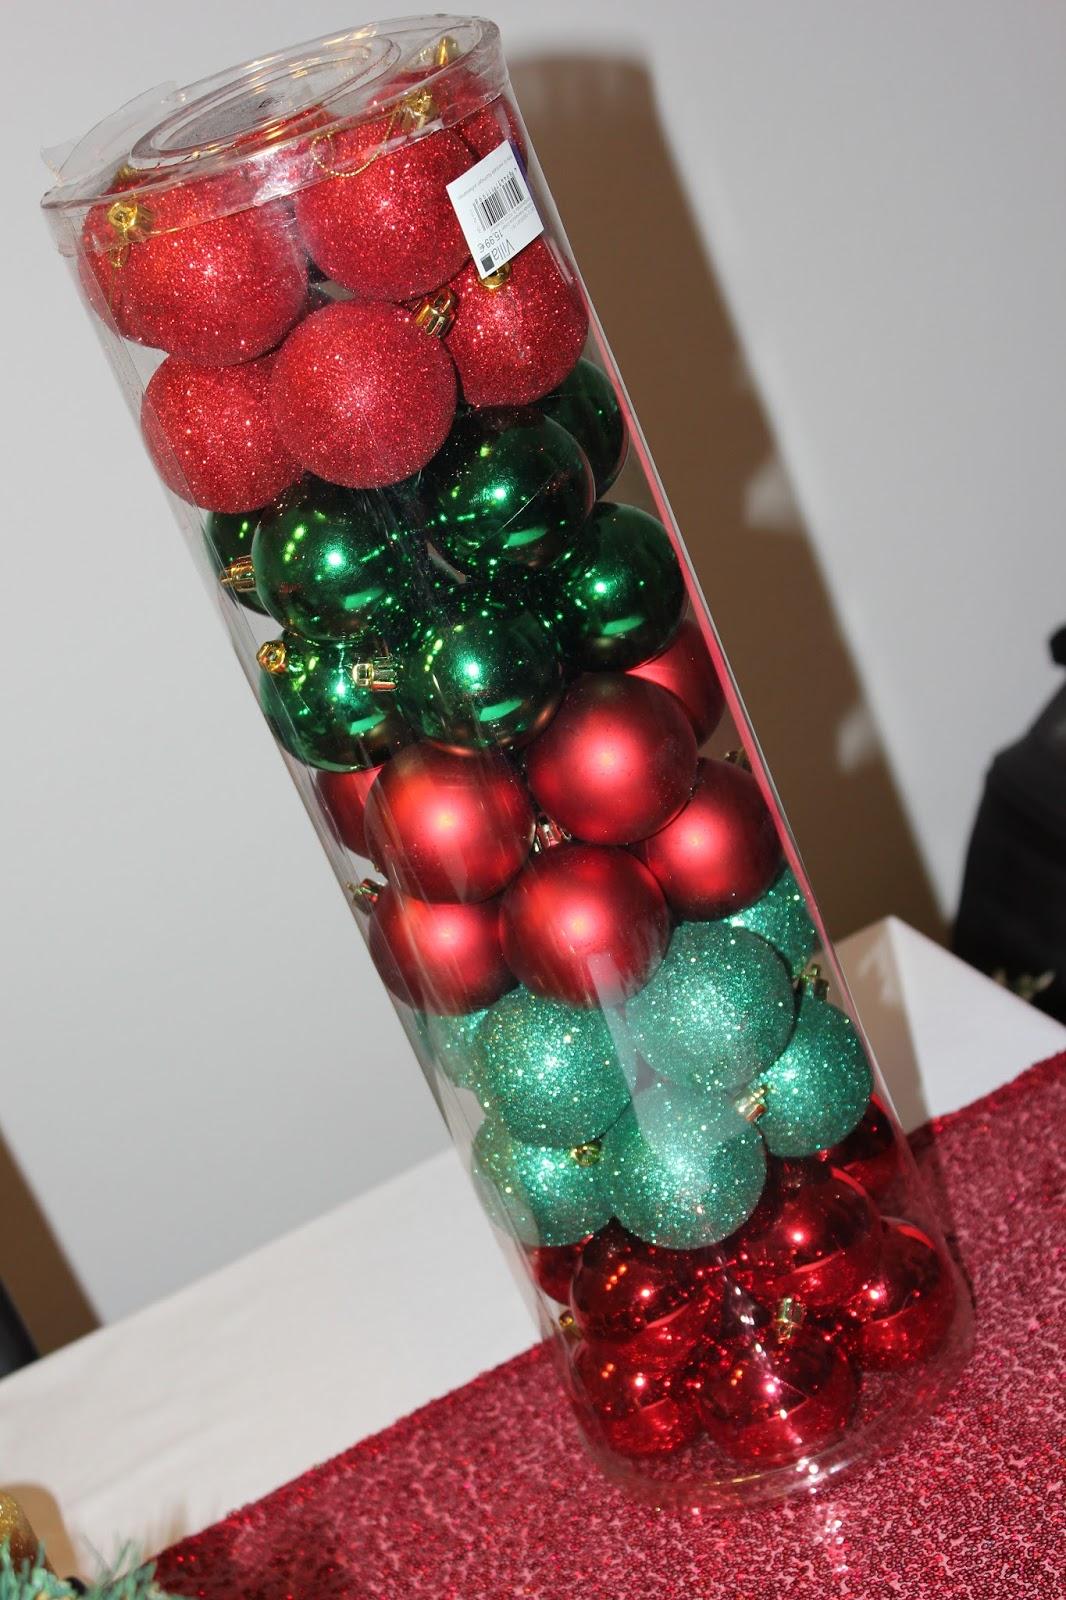 Christbaumkugeln Obi.Weihnachten Naht Haul Christbaumkugeln